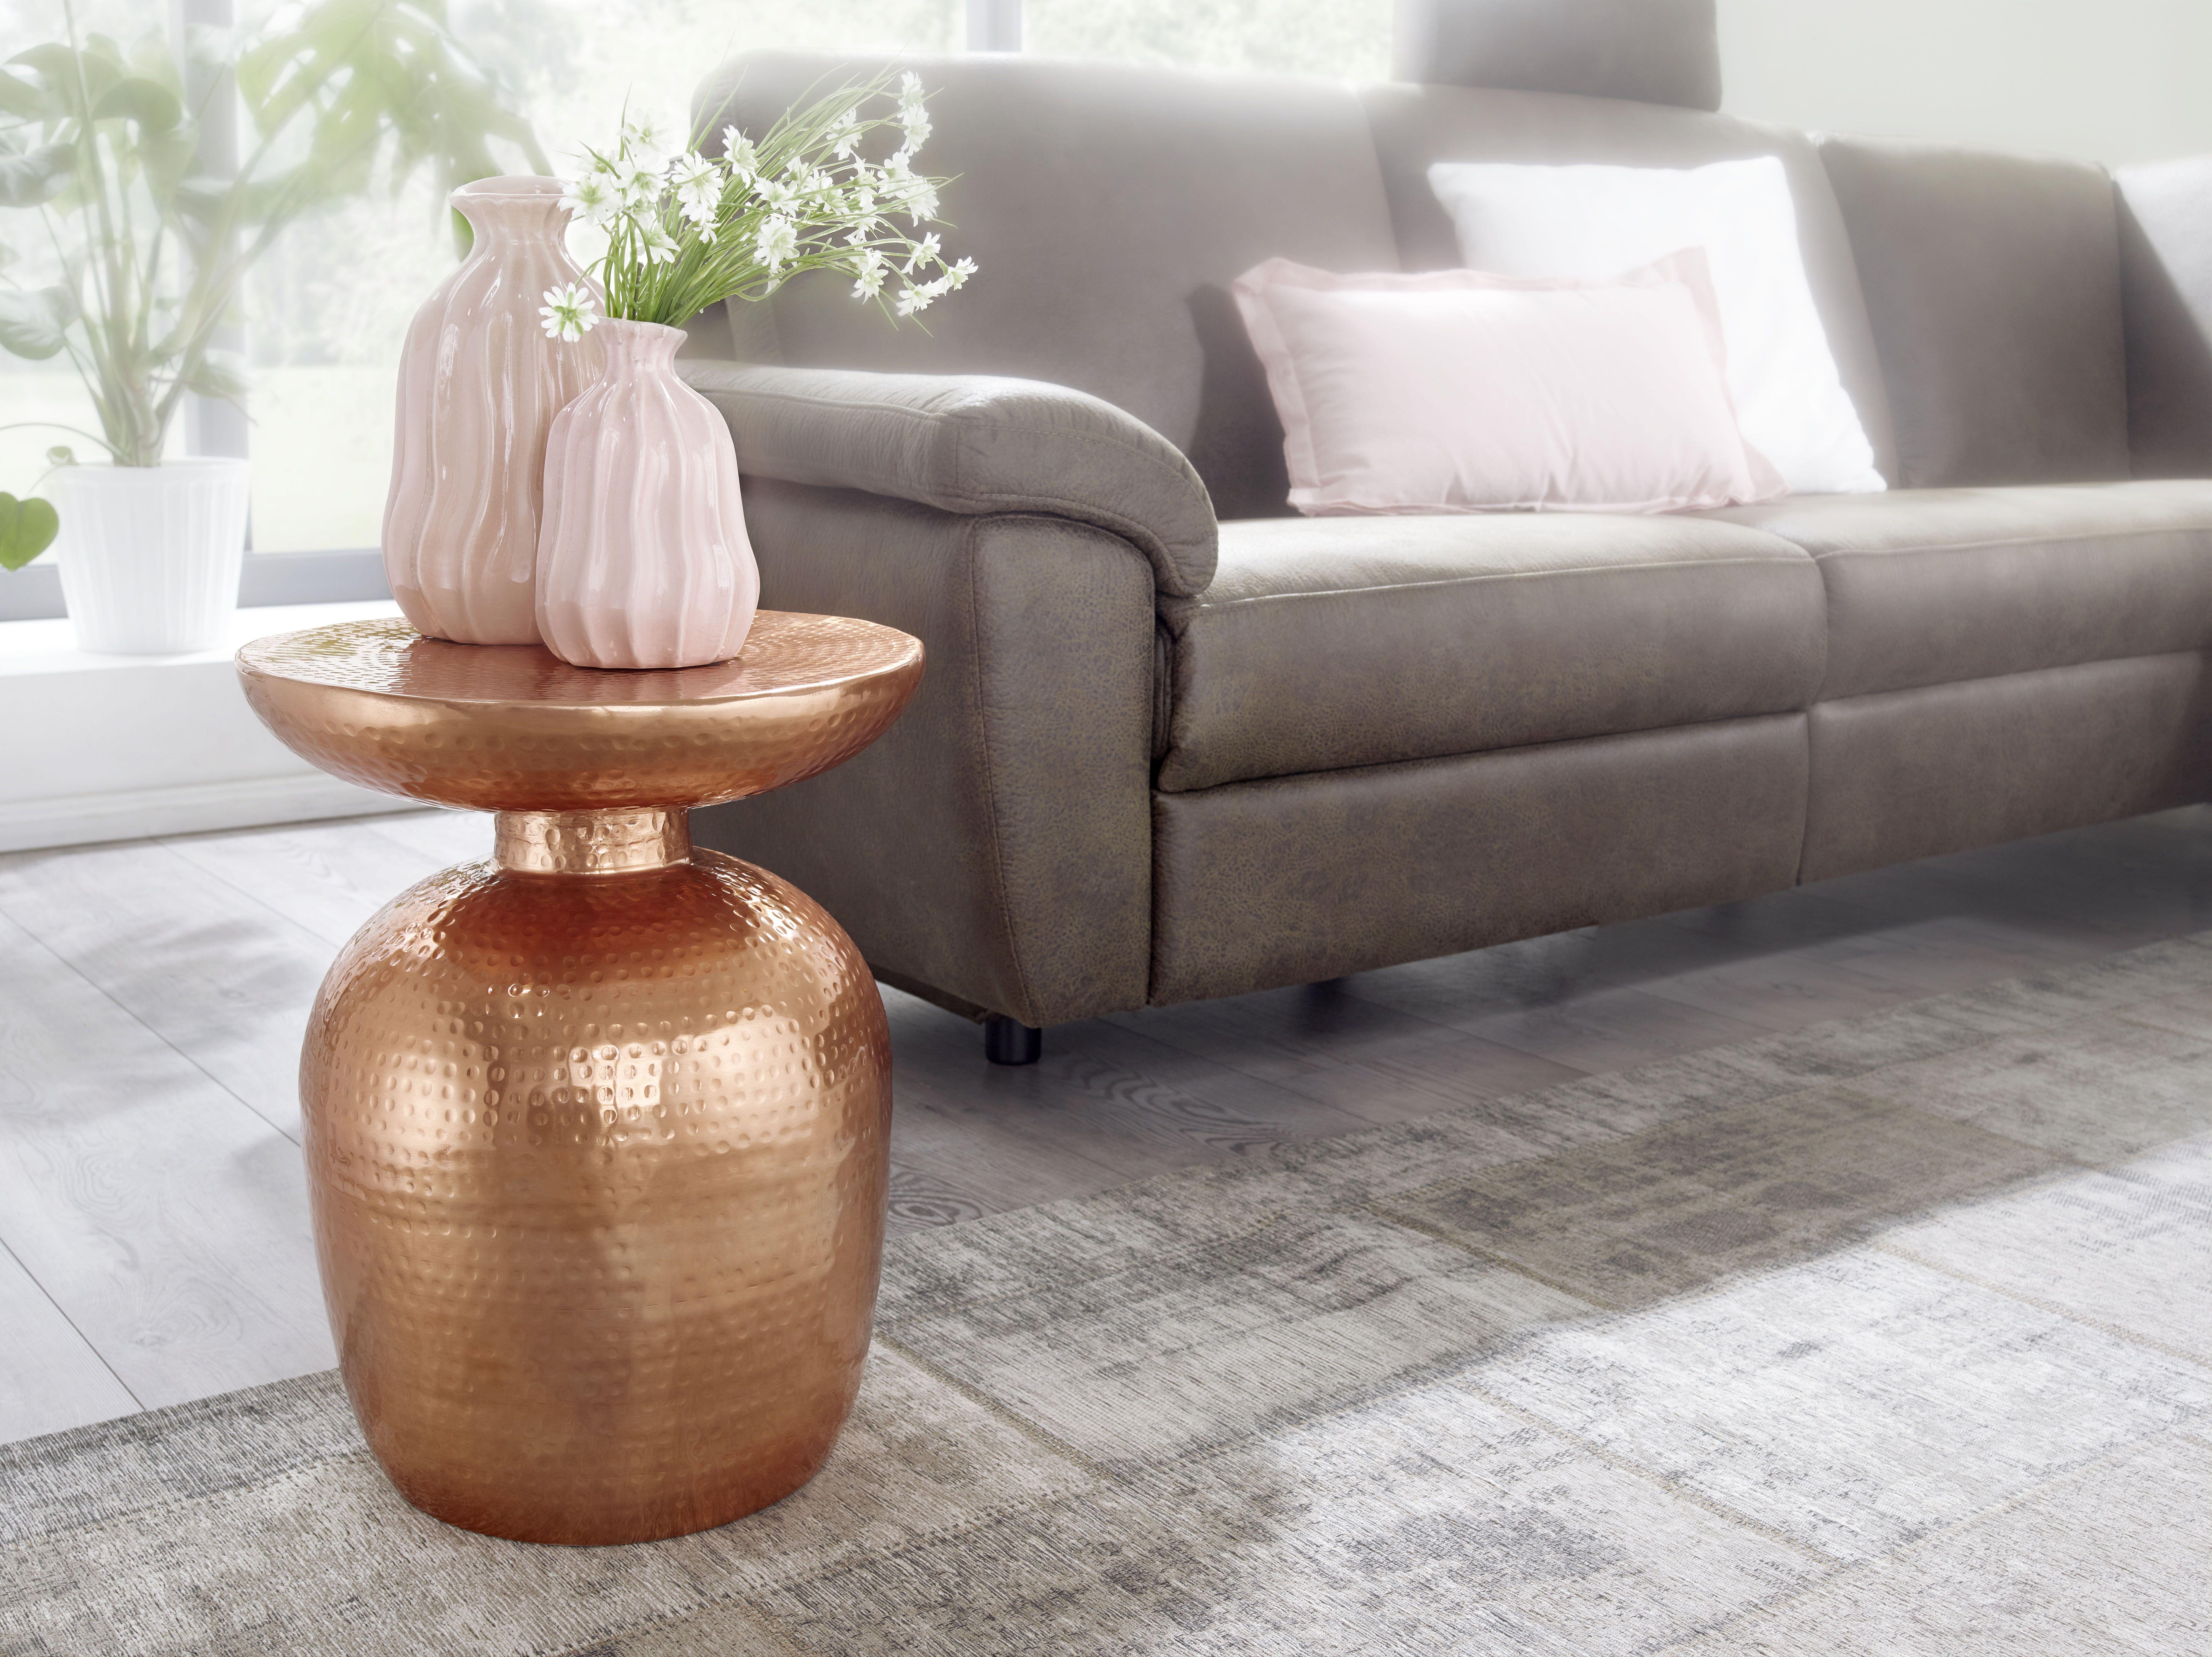 Kupfer Metall Blumentisch Ablage Vasenform Dekotisch